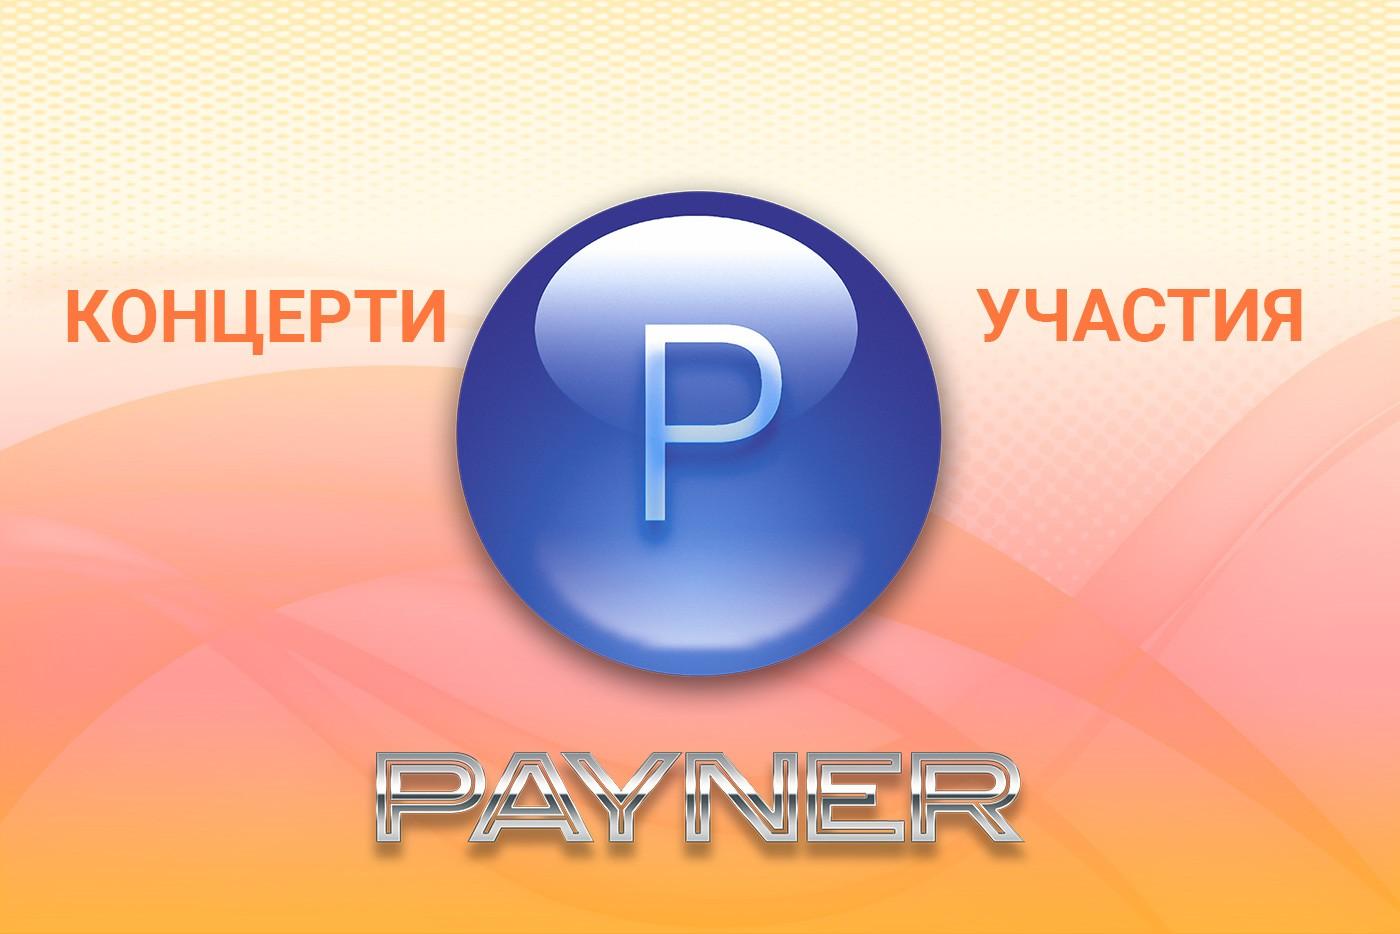 """Участия на звездите на """"Пайнер"""" на 19.04.2019"""